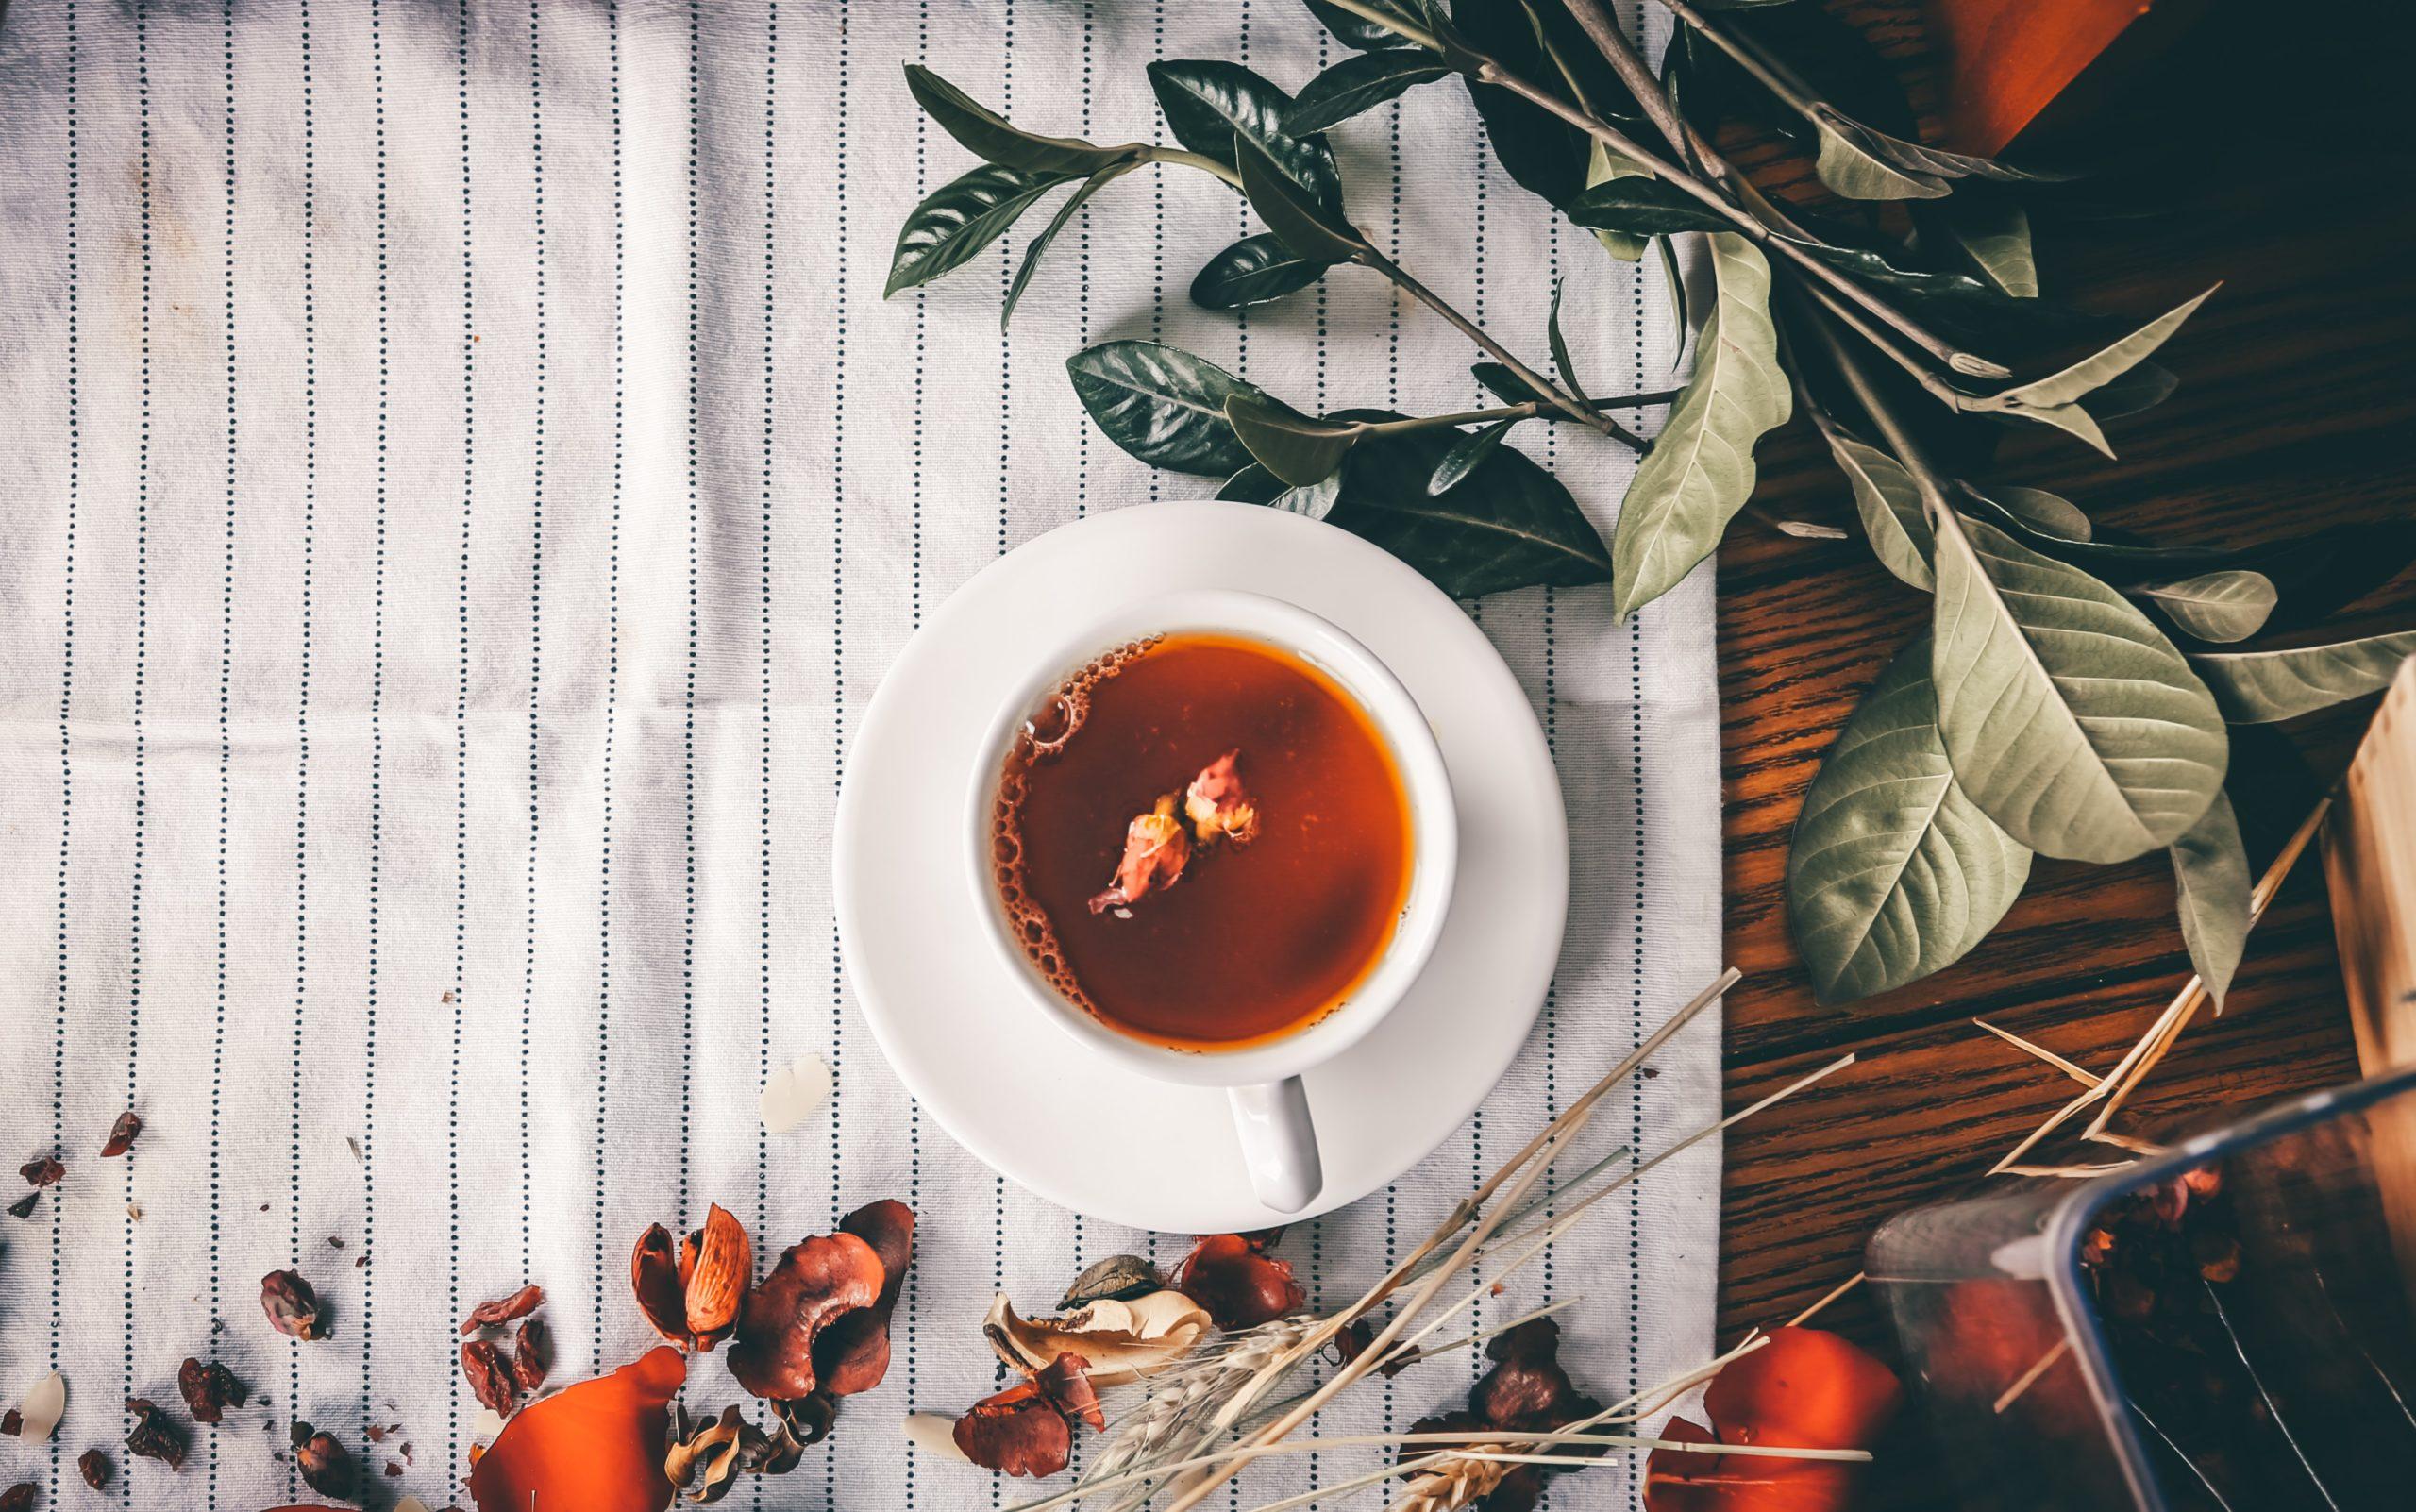 Guía definitiva del té: cuál es mejor para ti, según sus beneficios